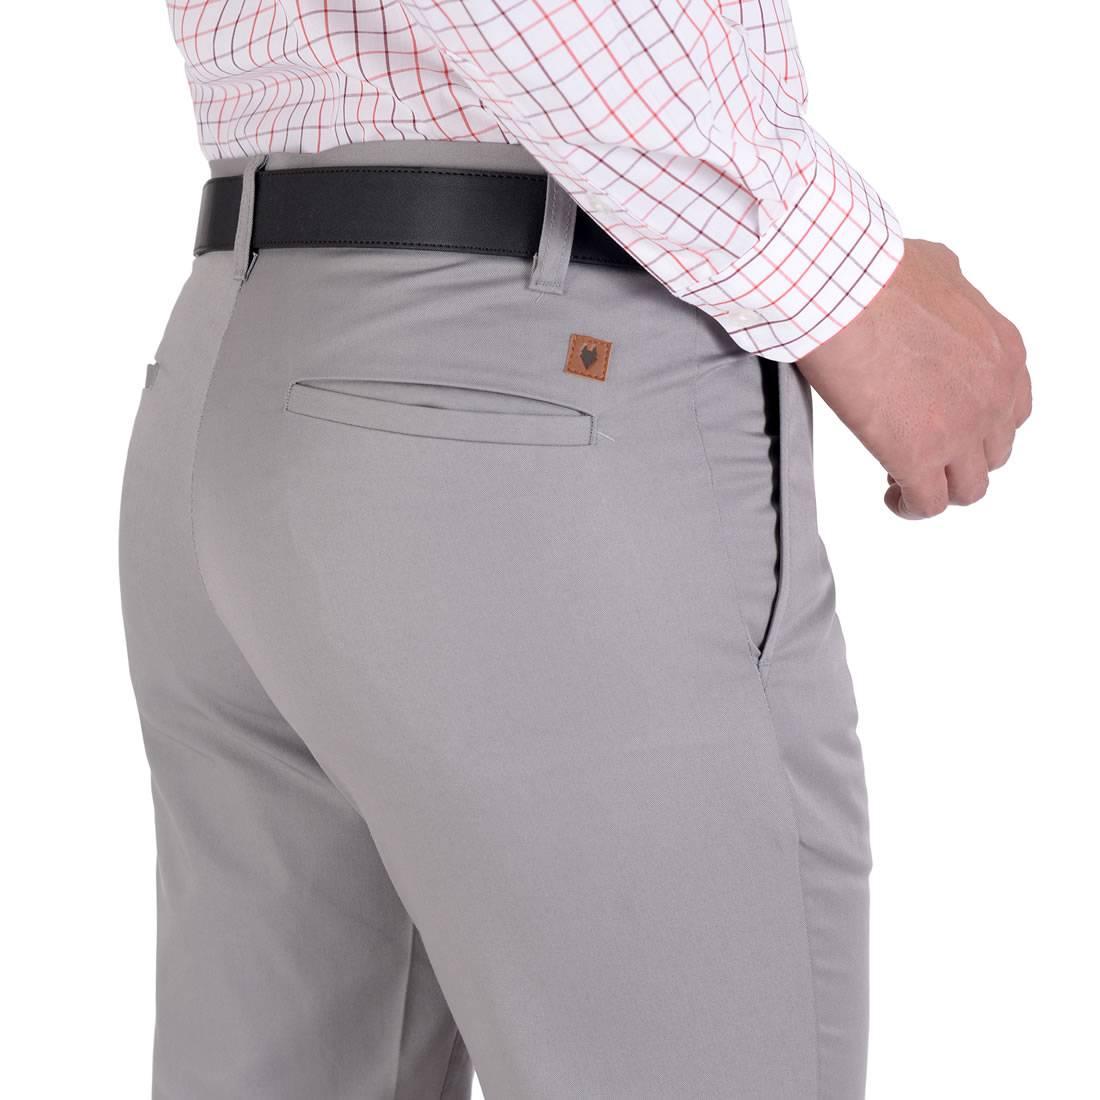 010920418903-04-Pantalon-Casual-Slim-Fit-Gris-yale